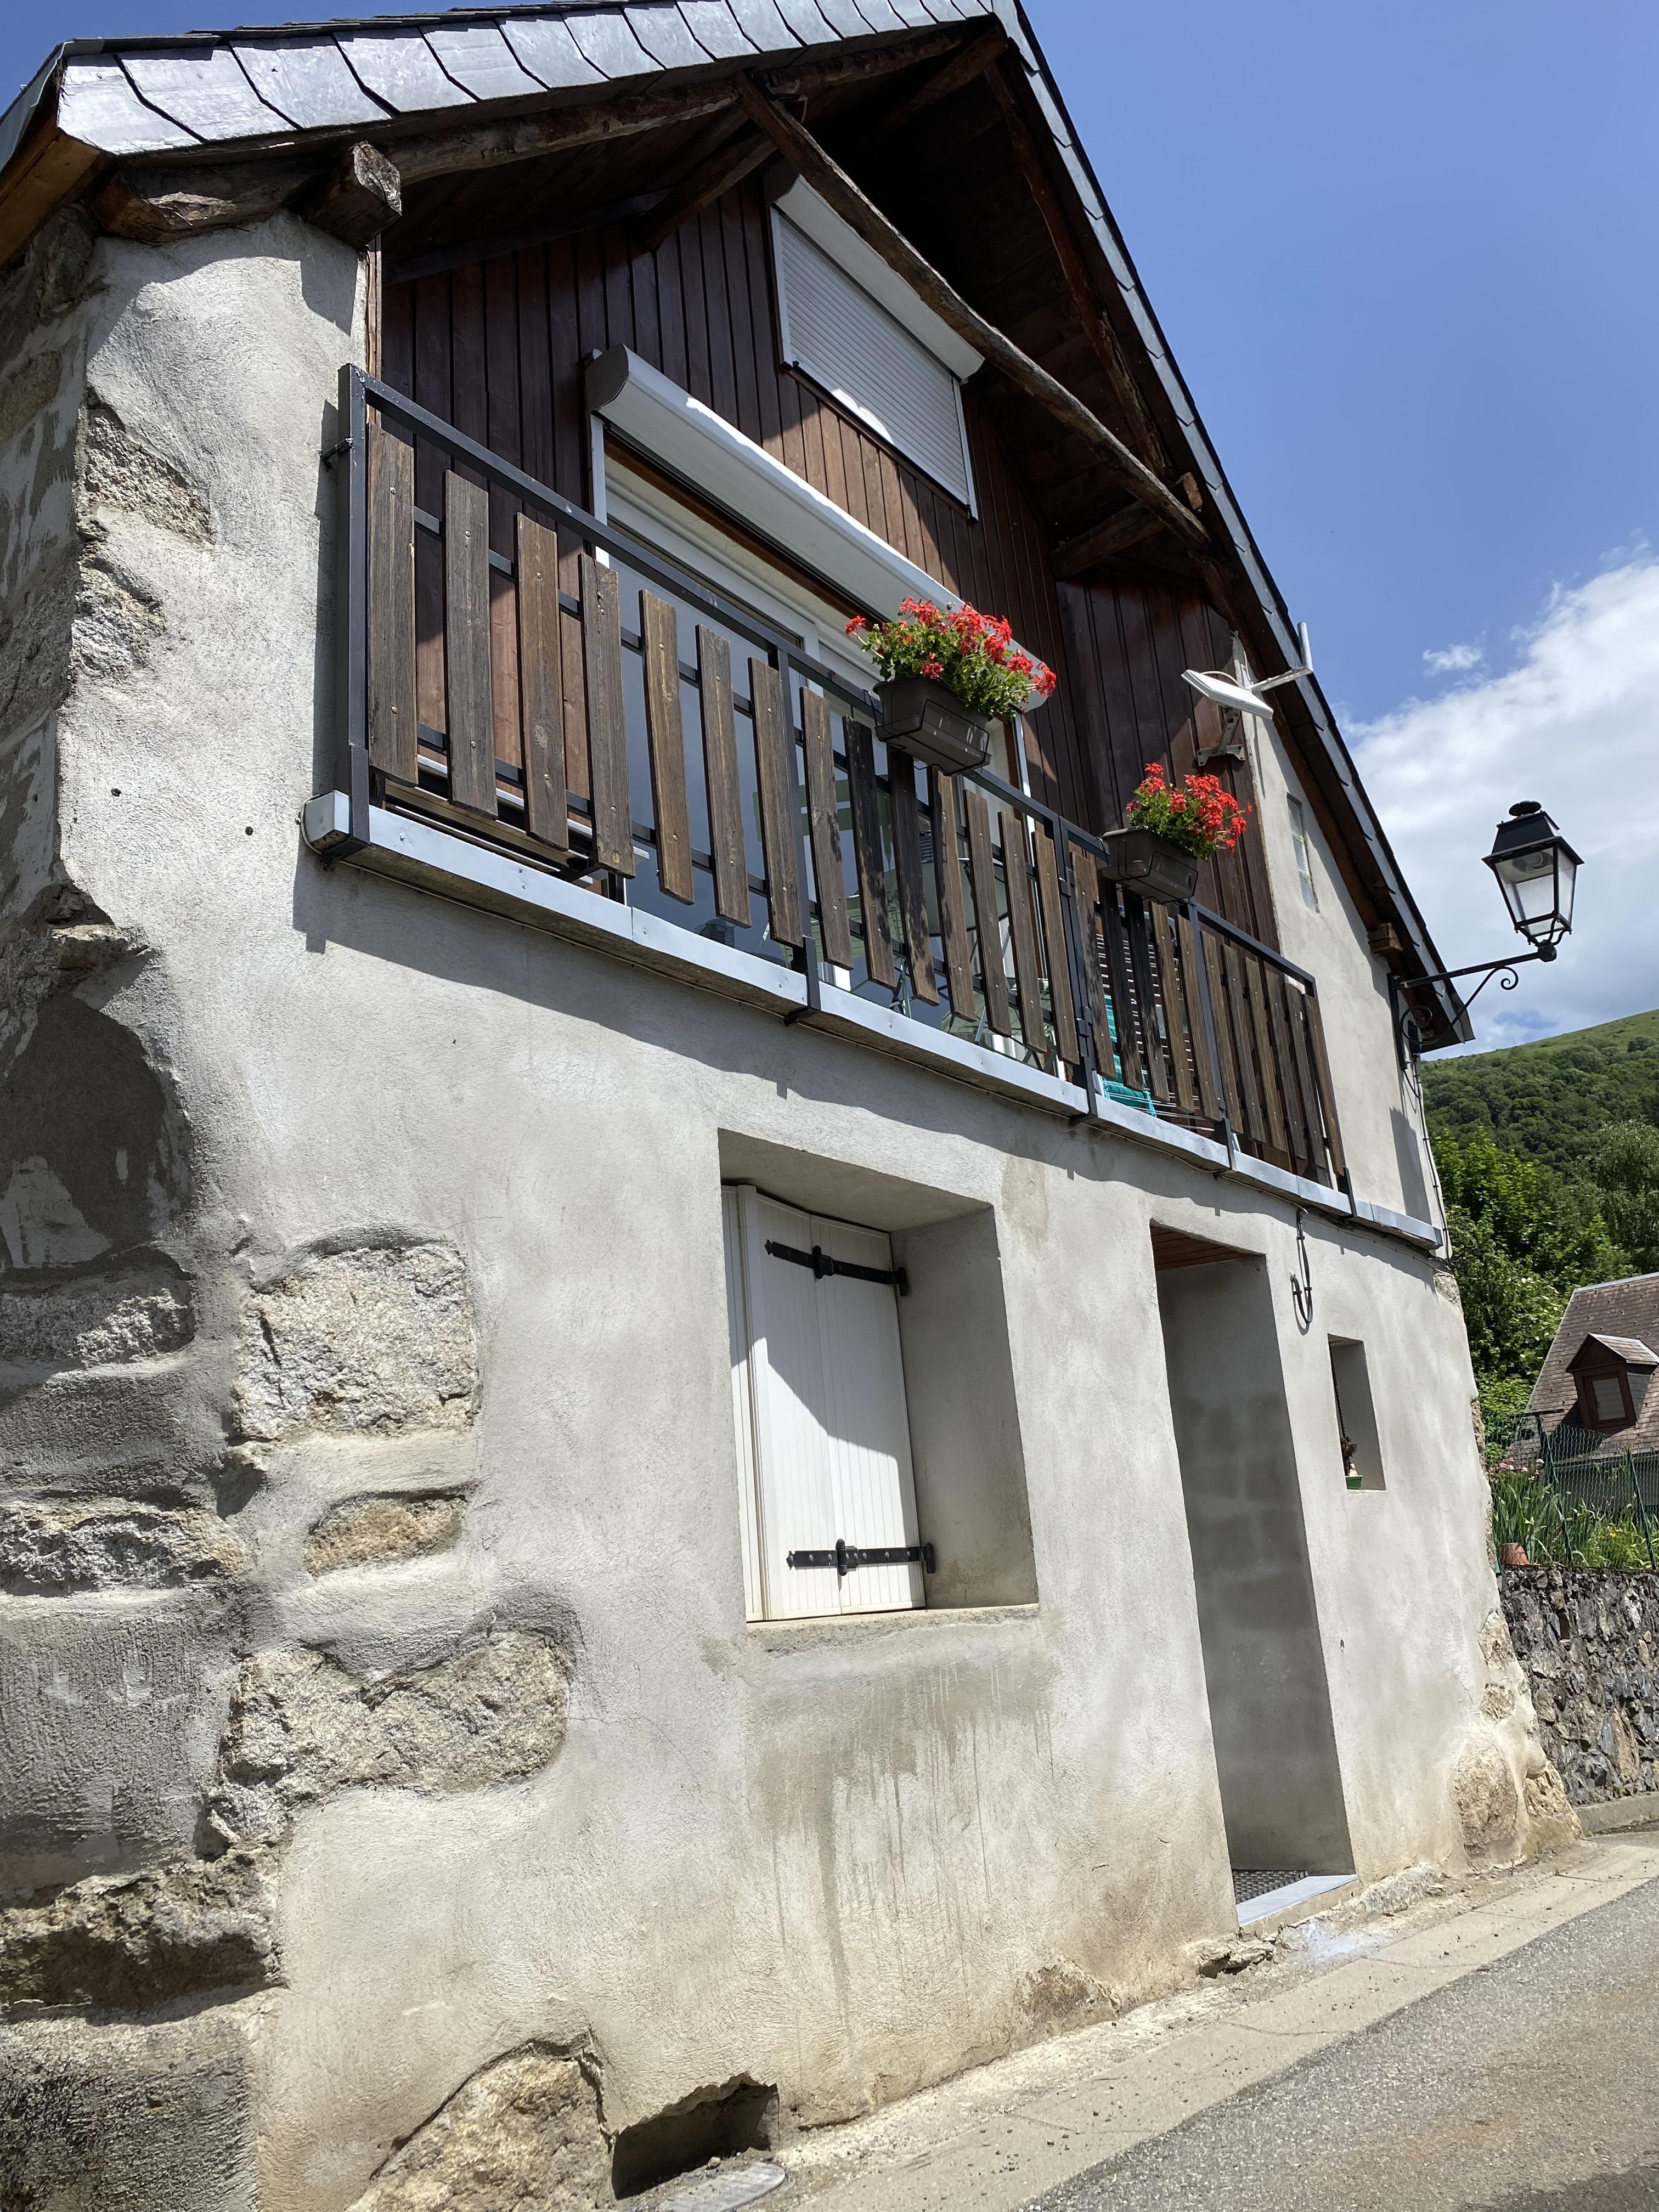 Photos - Maisouneta Gites Cazeaux de Larboust, Maisounata, location maison Luchon, photos